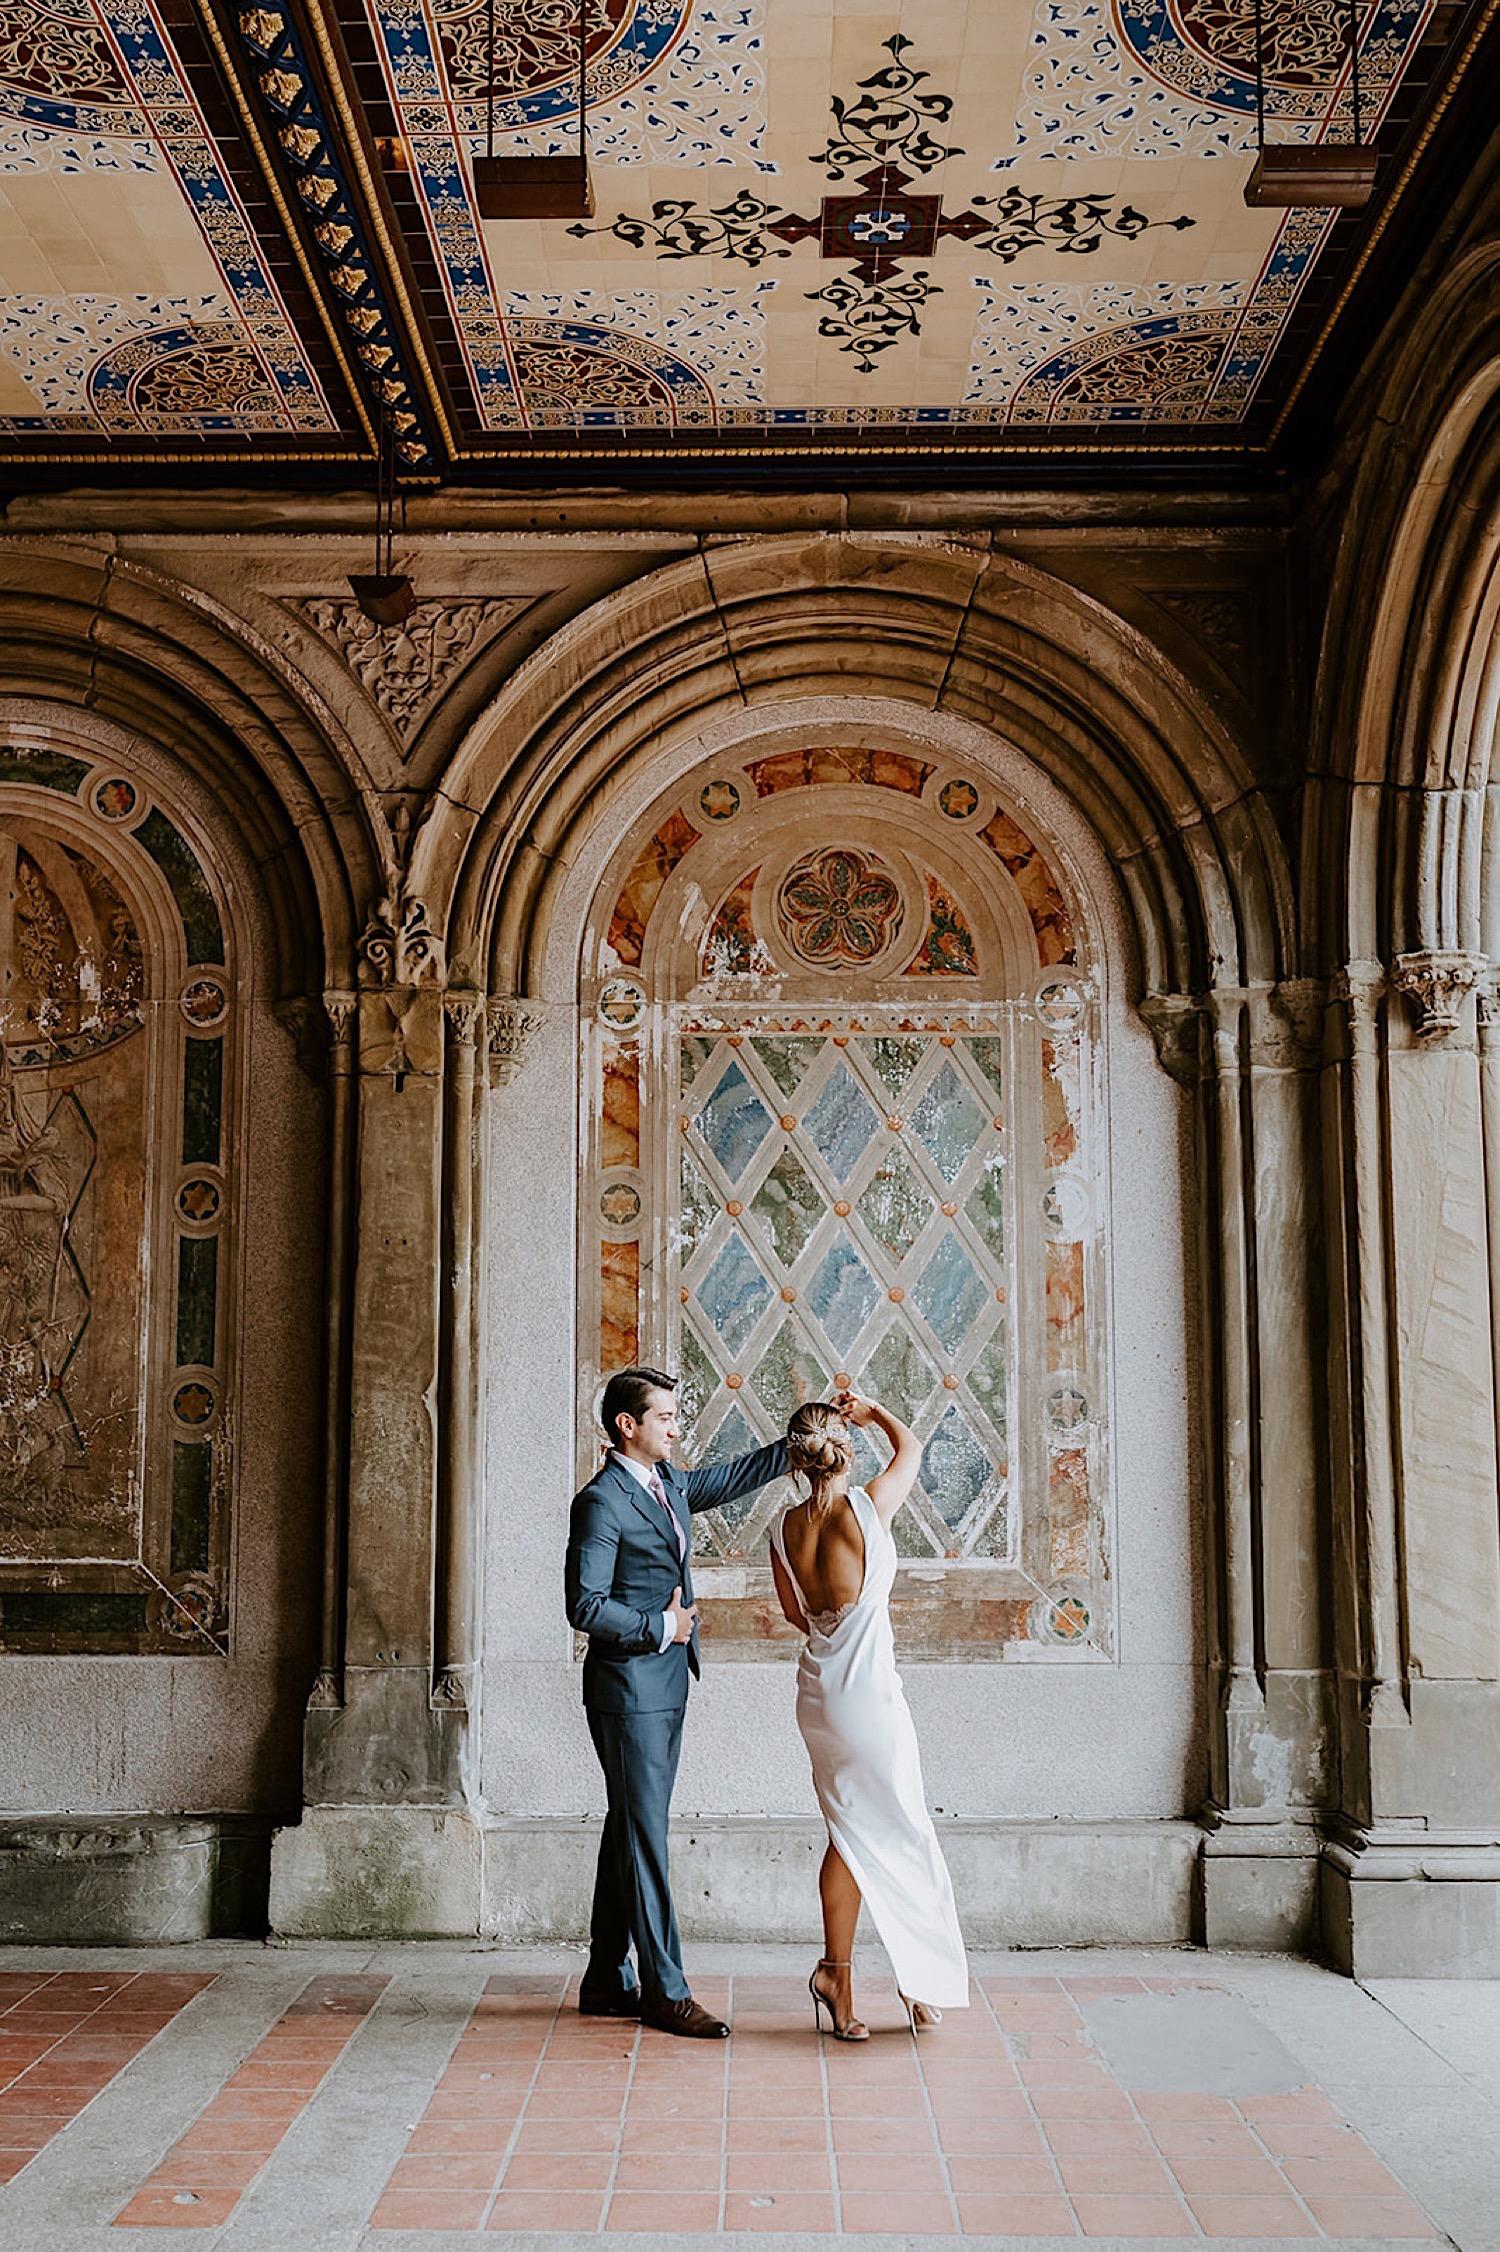 088 Central Park Elopement Bethesda Fountain Wedding Photos New York Wedding Photographer Central Park Wedding Photos